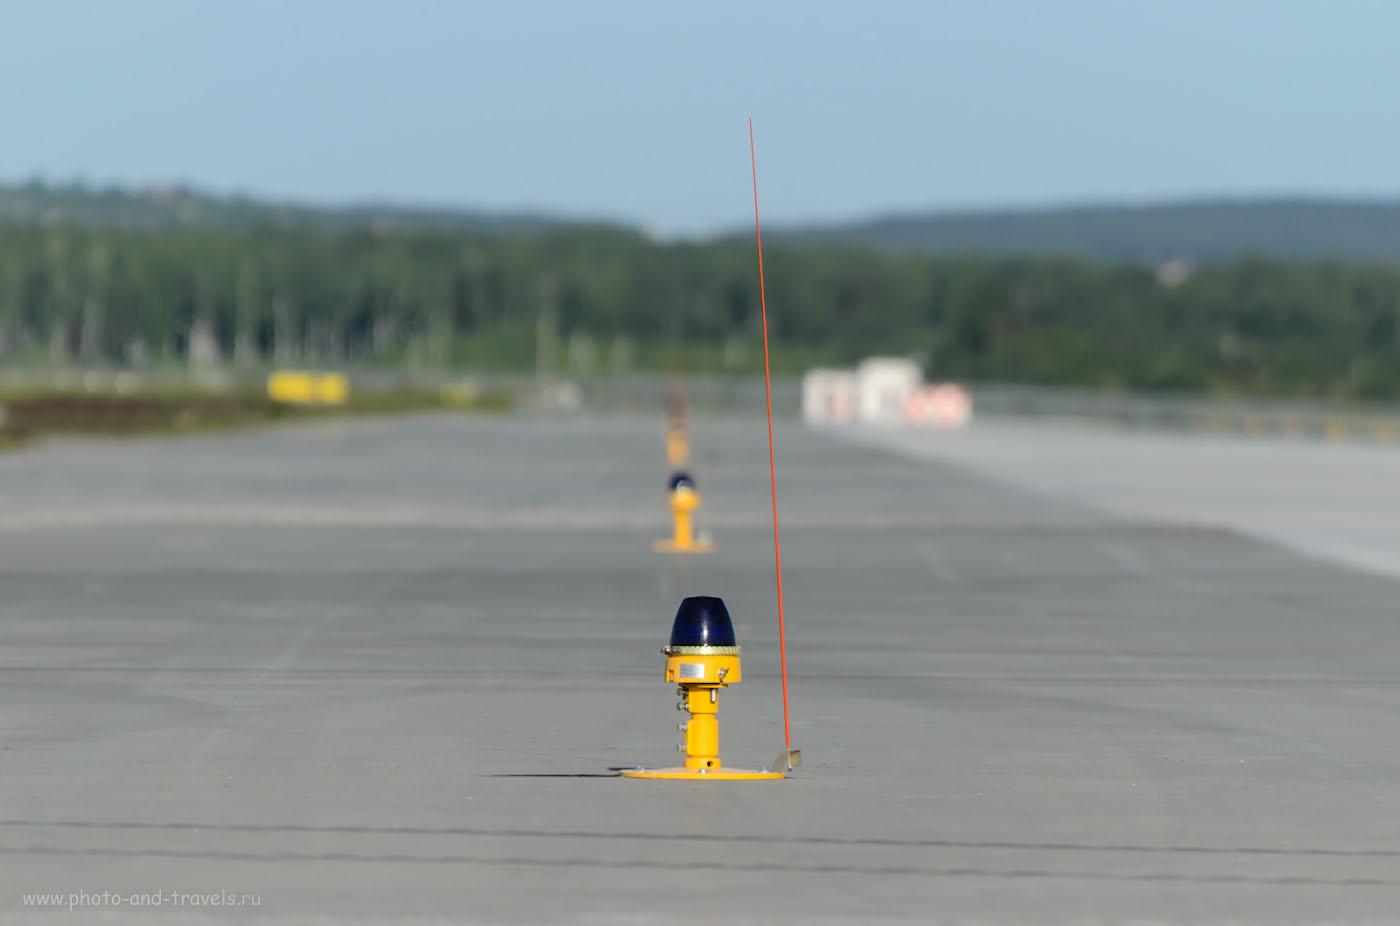 10-1. Во время споттинга рекомендуются фотографировать и детали окружающей обстановки, признаки аэропорта. 1/2000, 5.6, 320, 300.